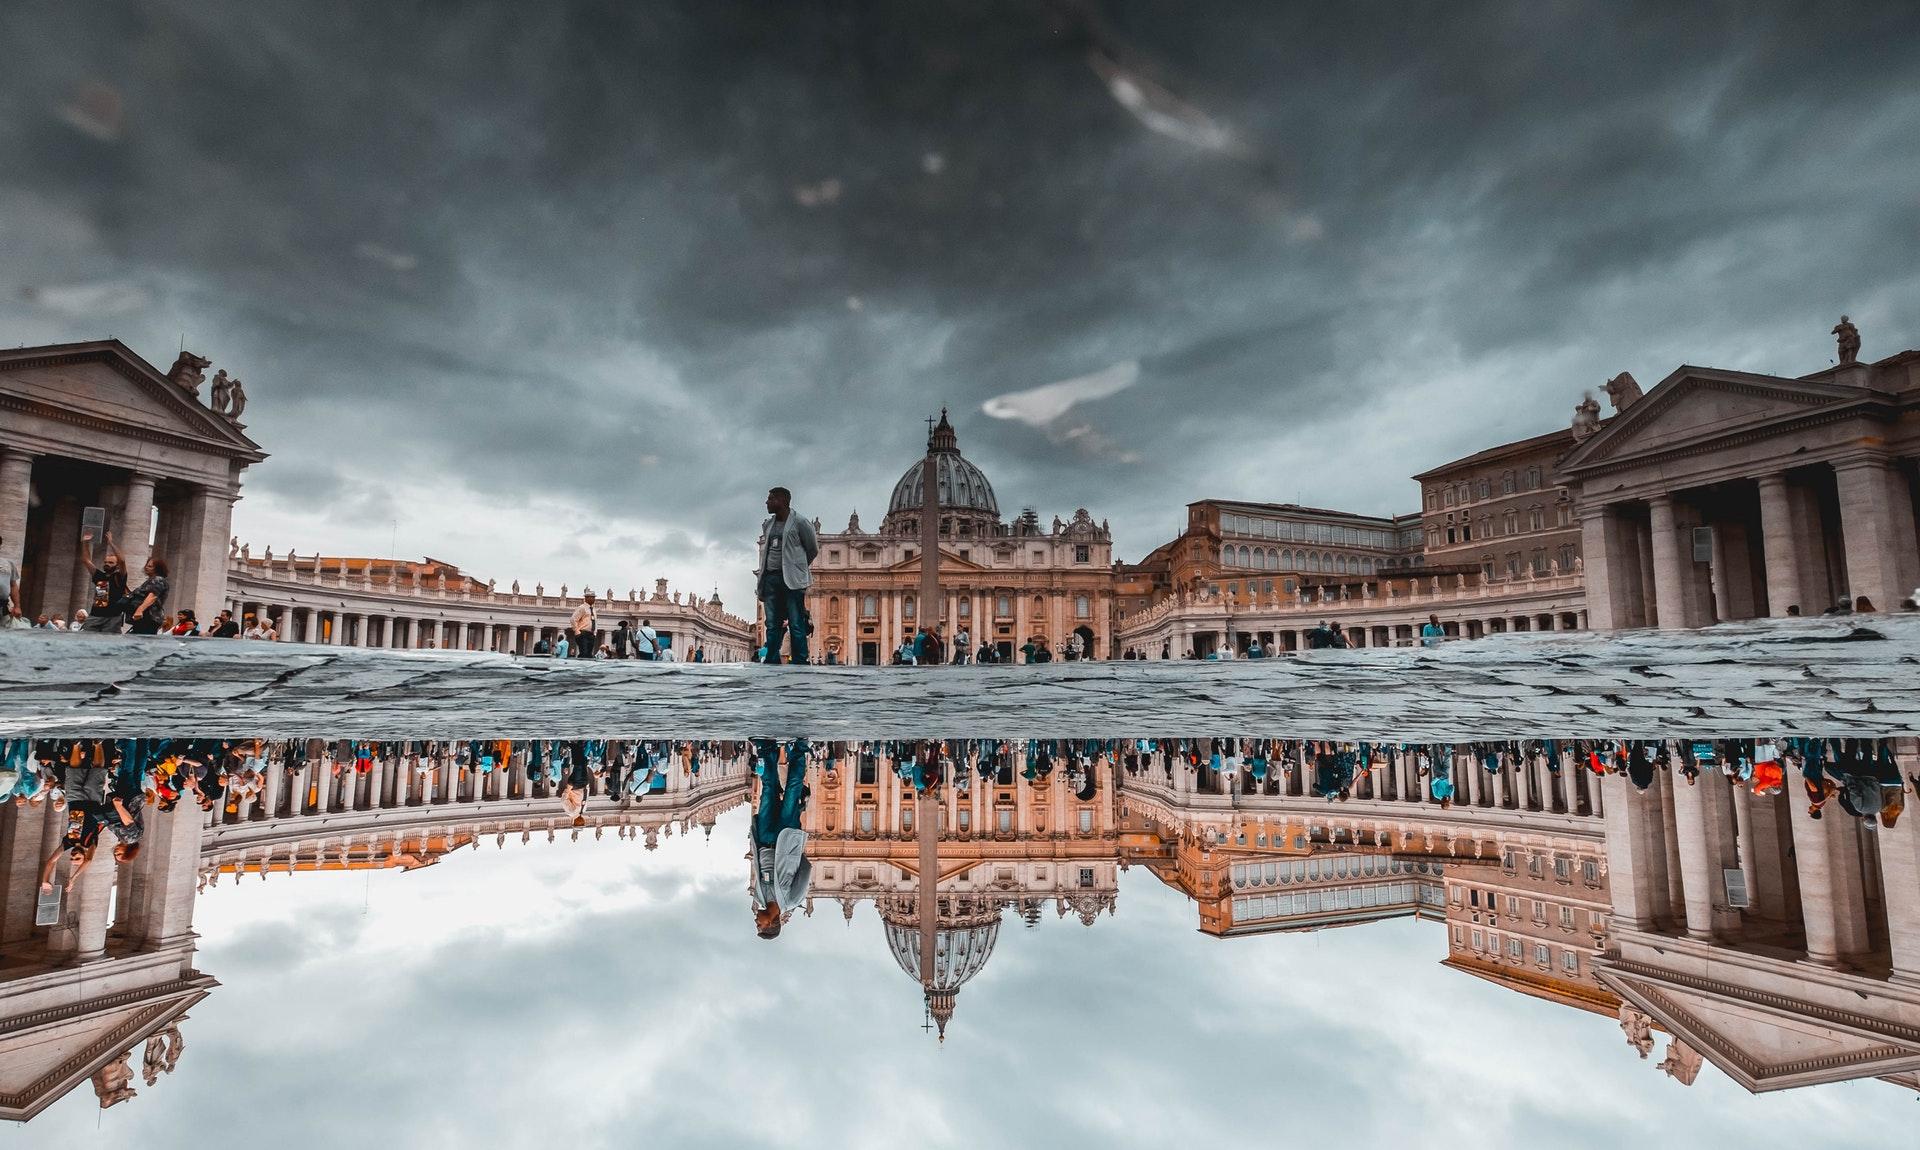 St Peter's Basilica tours